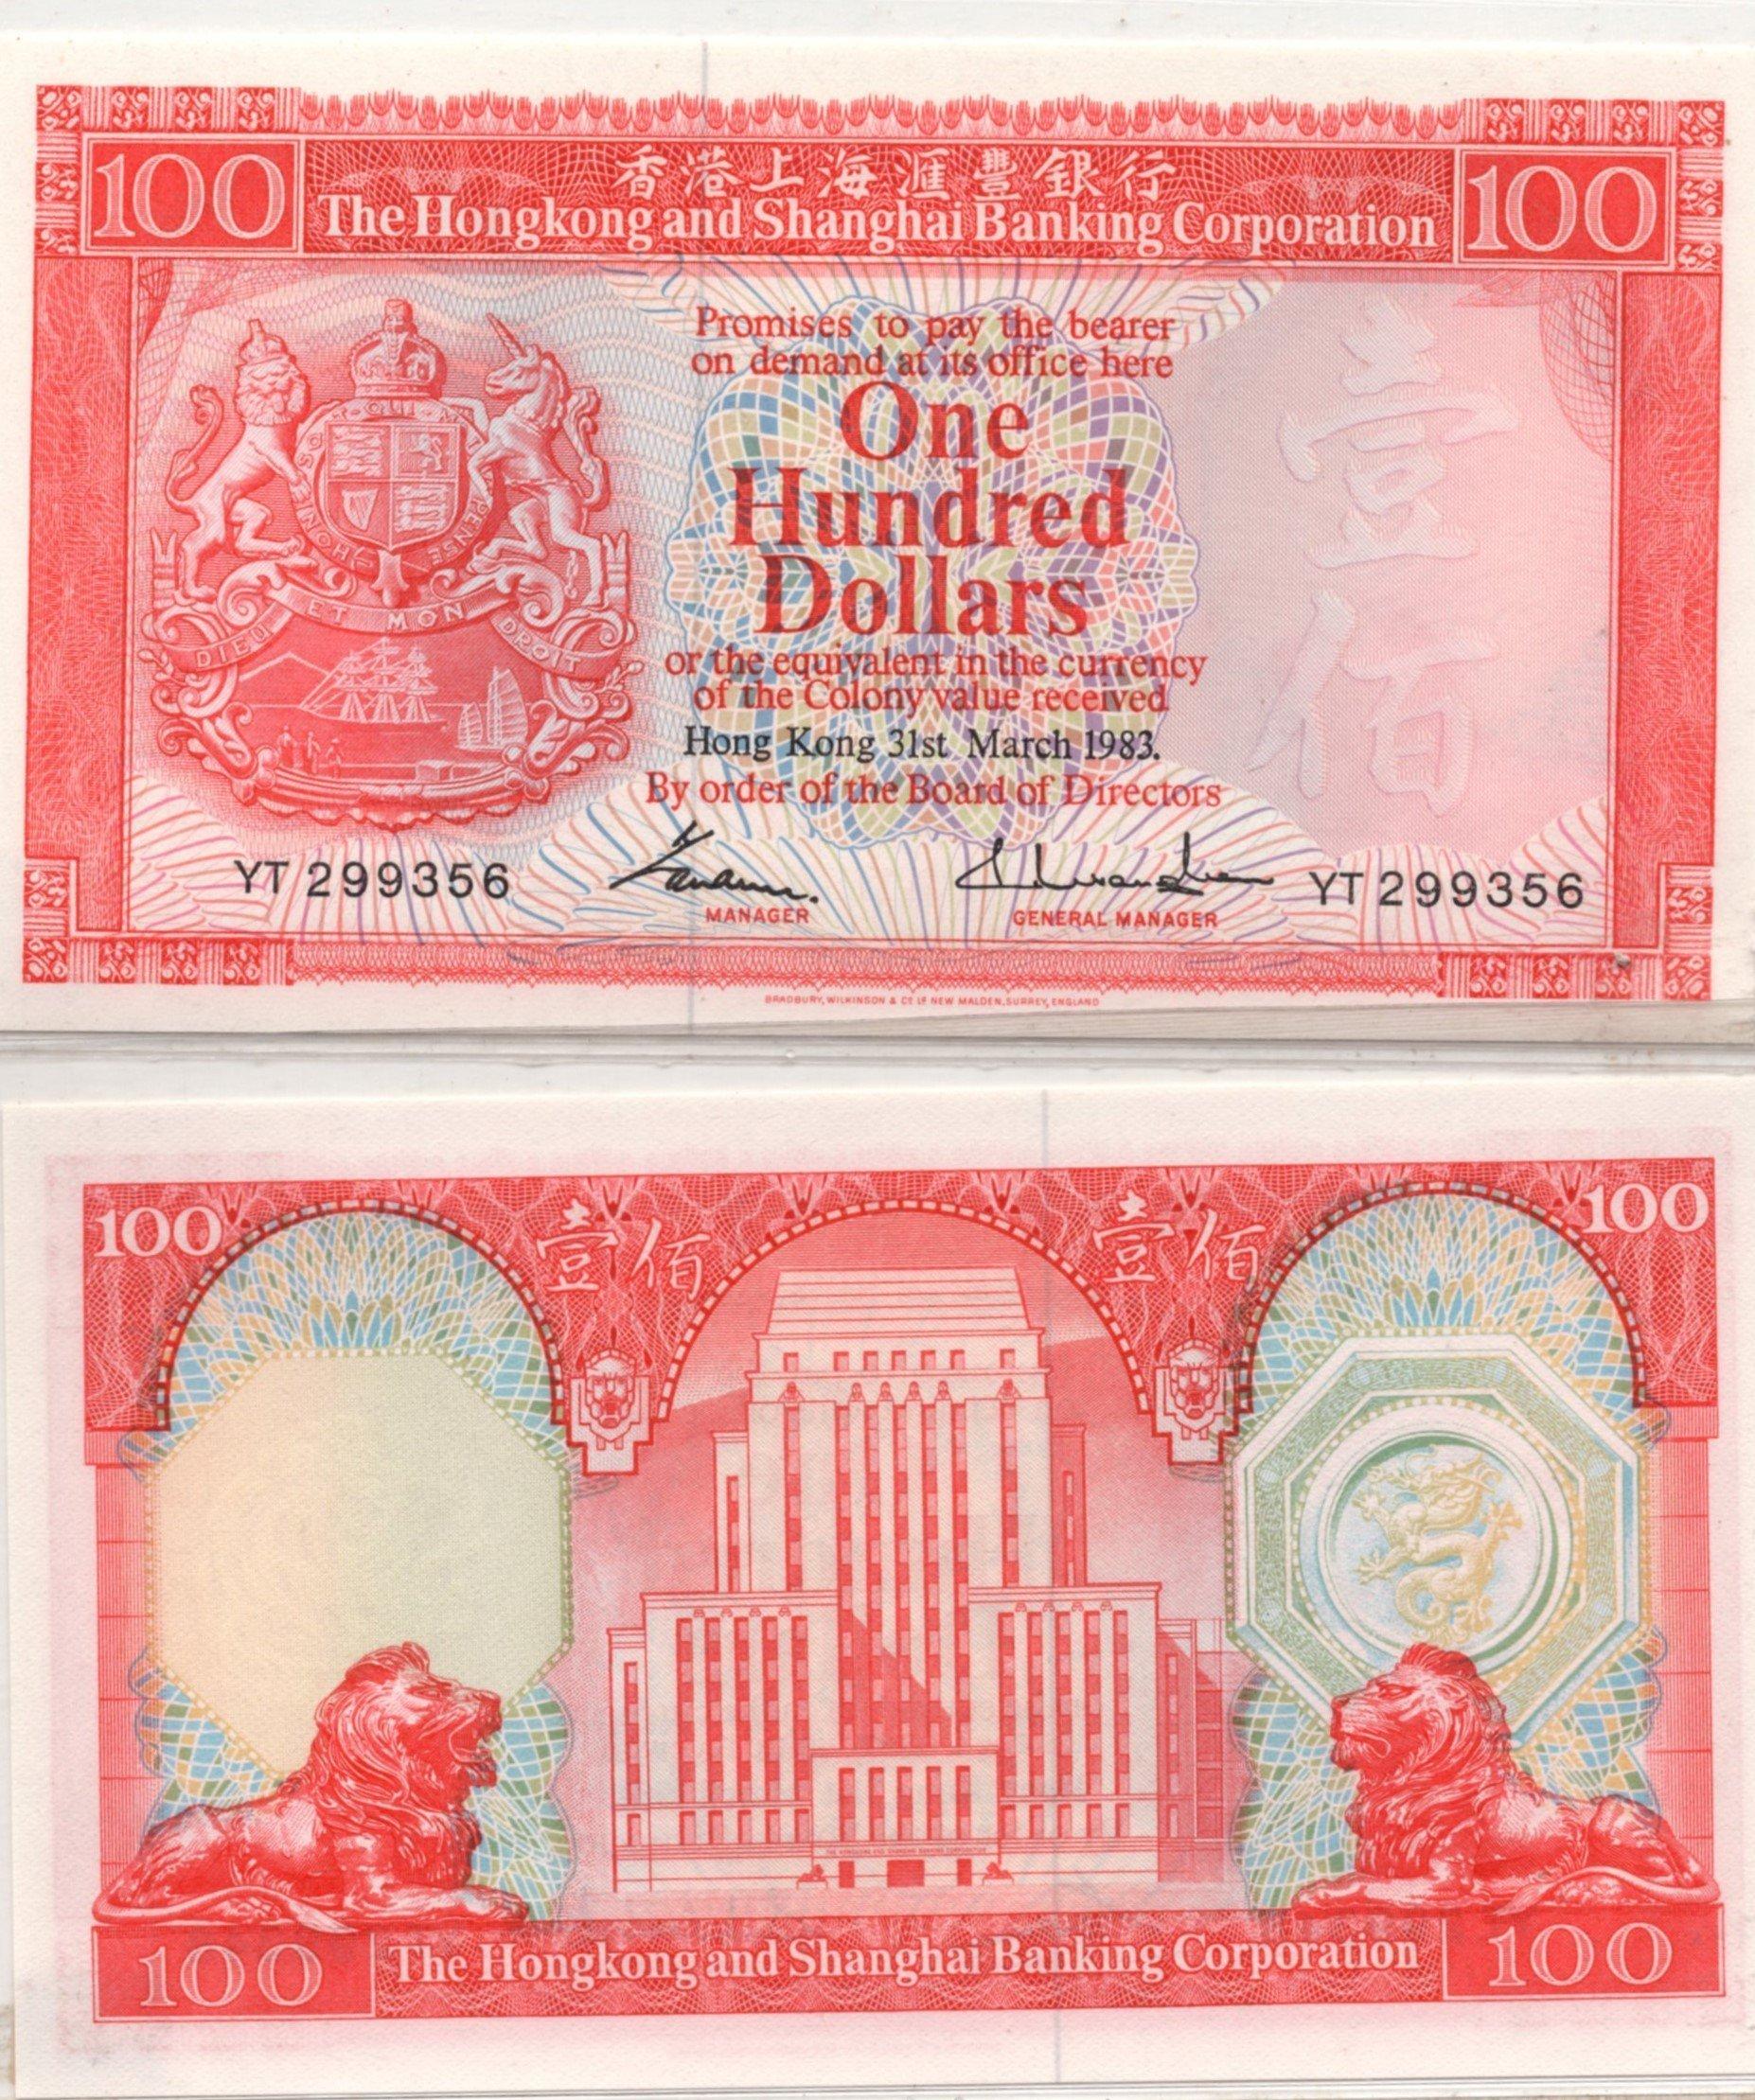 HK 100 dollars P187